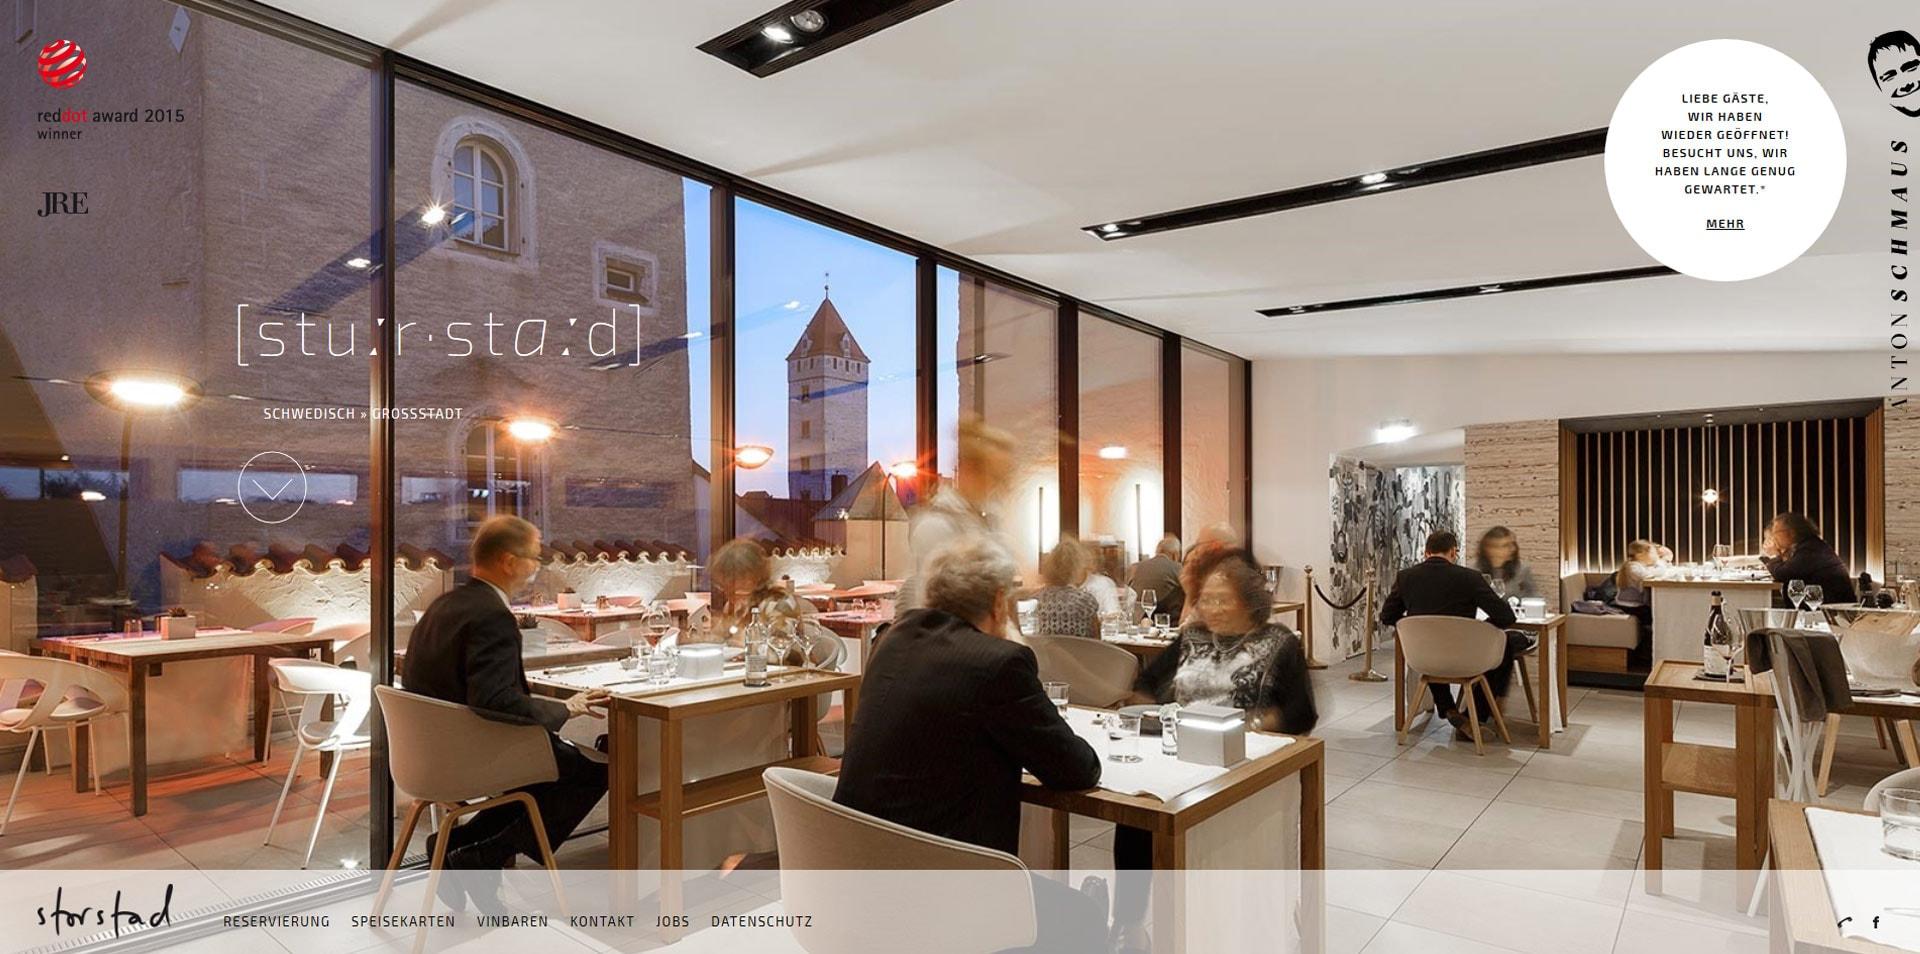 projektowanie stron www inspiracje storstad 1 - Projektowanie stron www – inspiracje dla biznesu. Czerwiec 2020